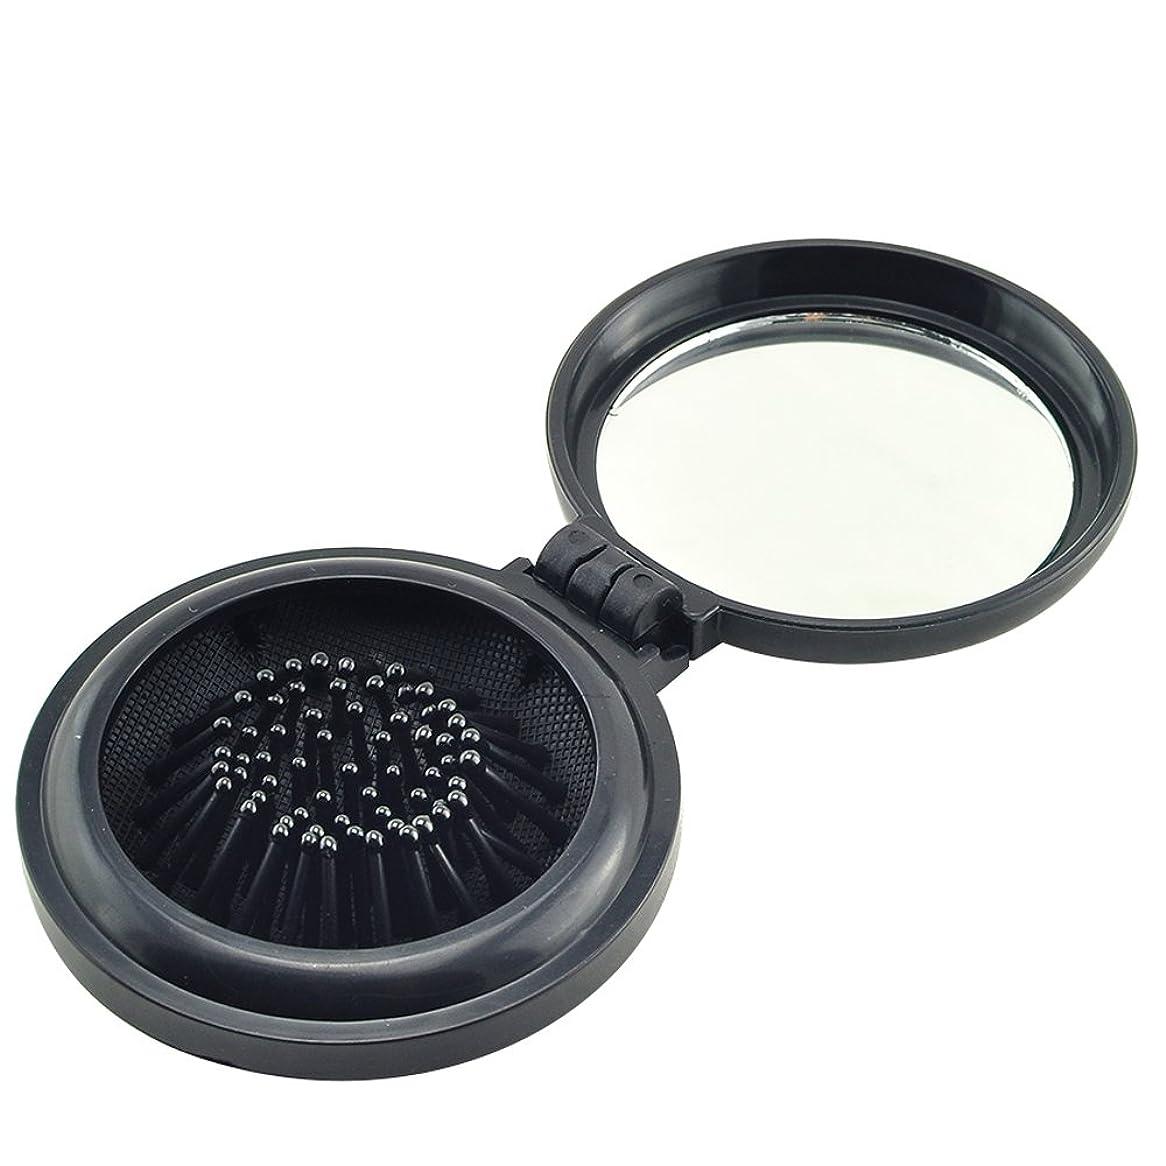 否認するジャンクション推進力ixaer 折りたたみ ヘアブラシ 鏡付き 円形 櫛 コンパクト 携帯便利 通勤 通学 旅行に最適 ブラック